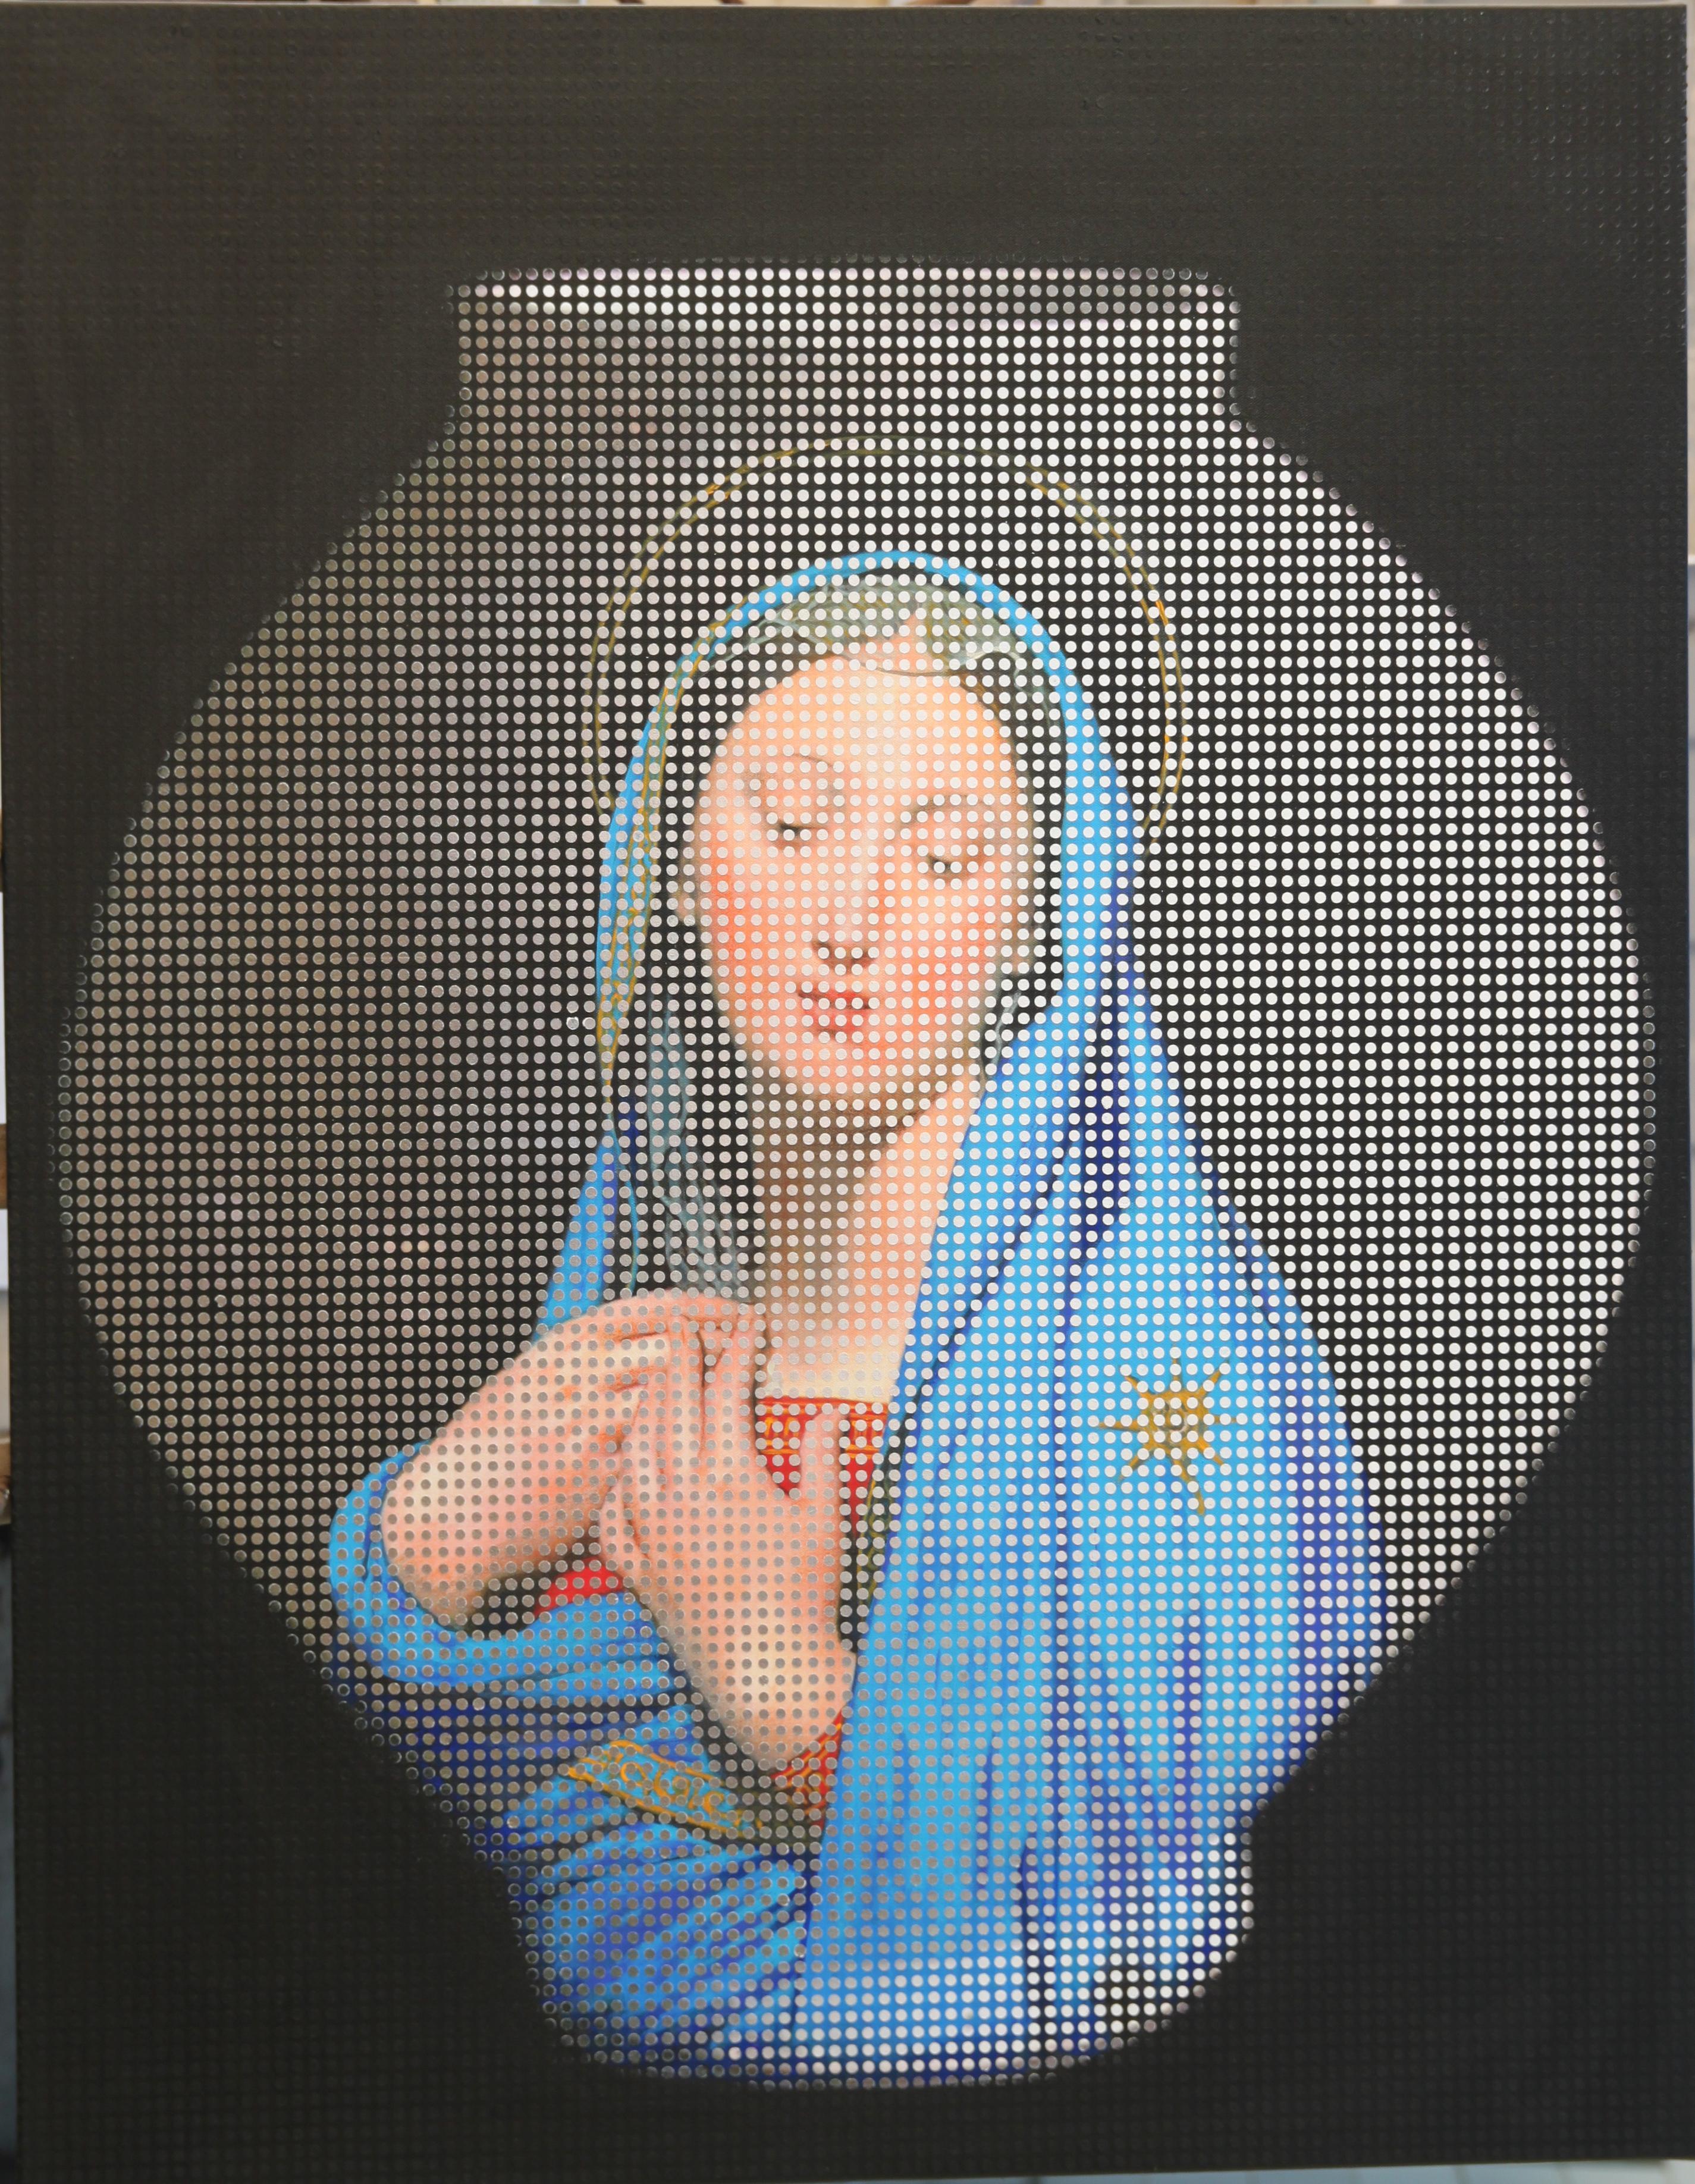 마리아와 달항아리